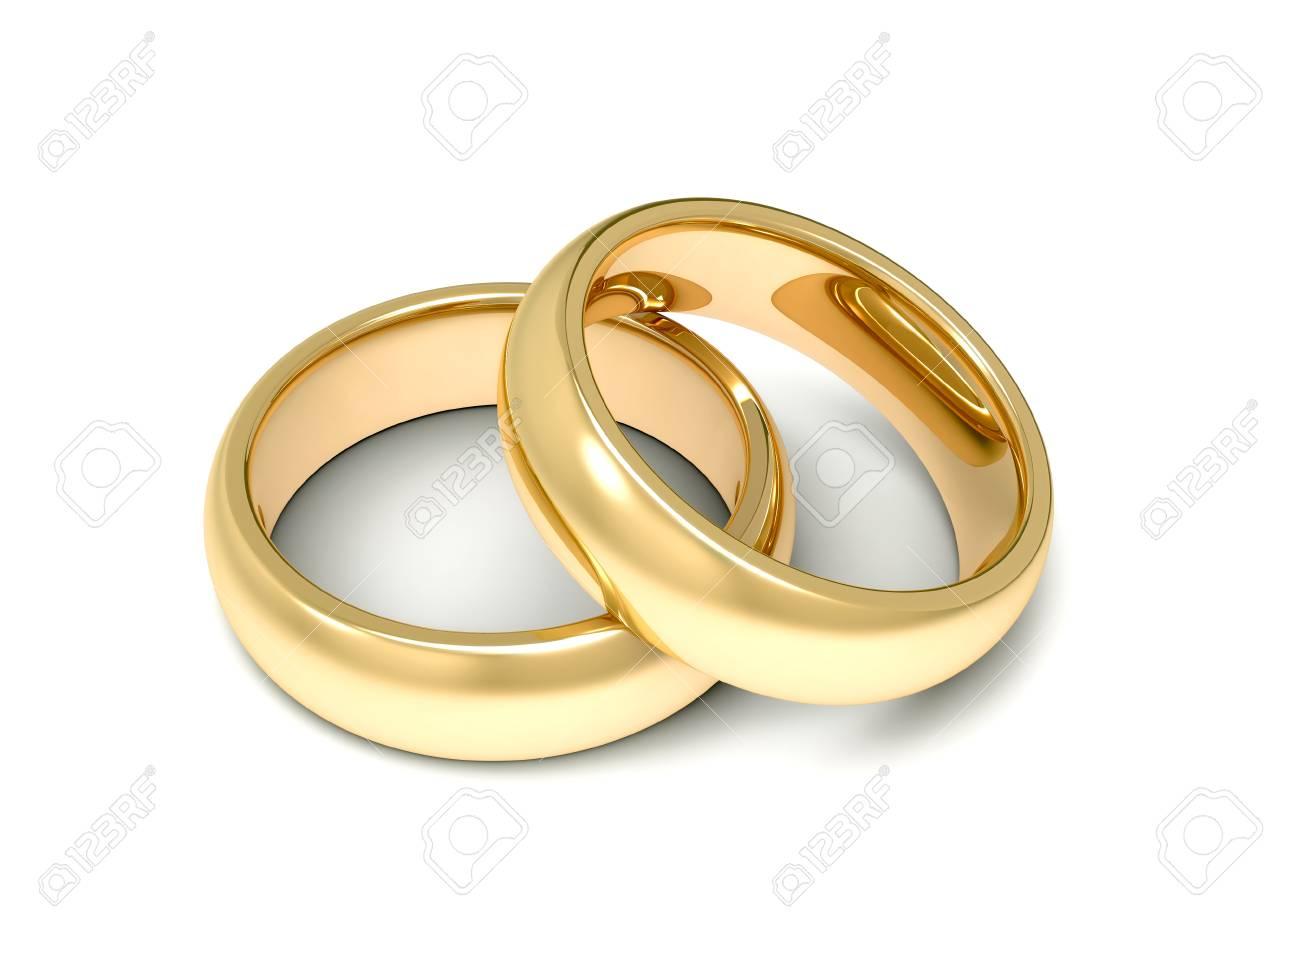 Goldene Hochzeit Ringe 3d Darstellung Auf Weissem Hintergrund